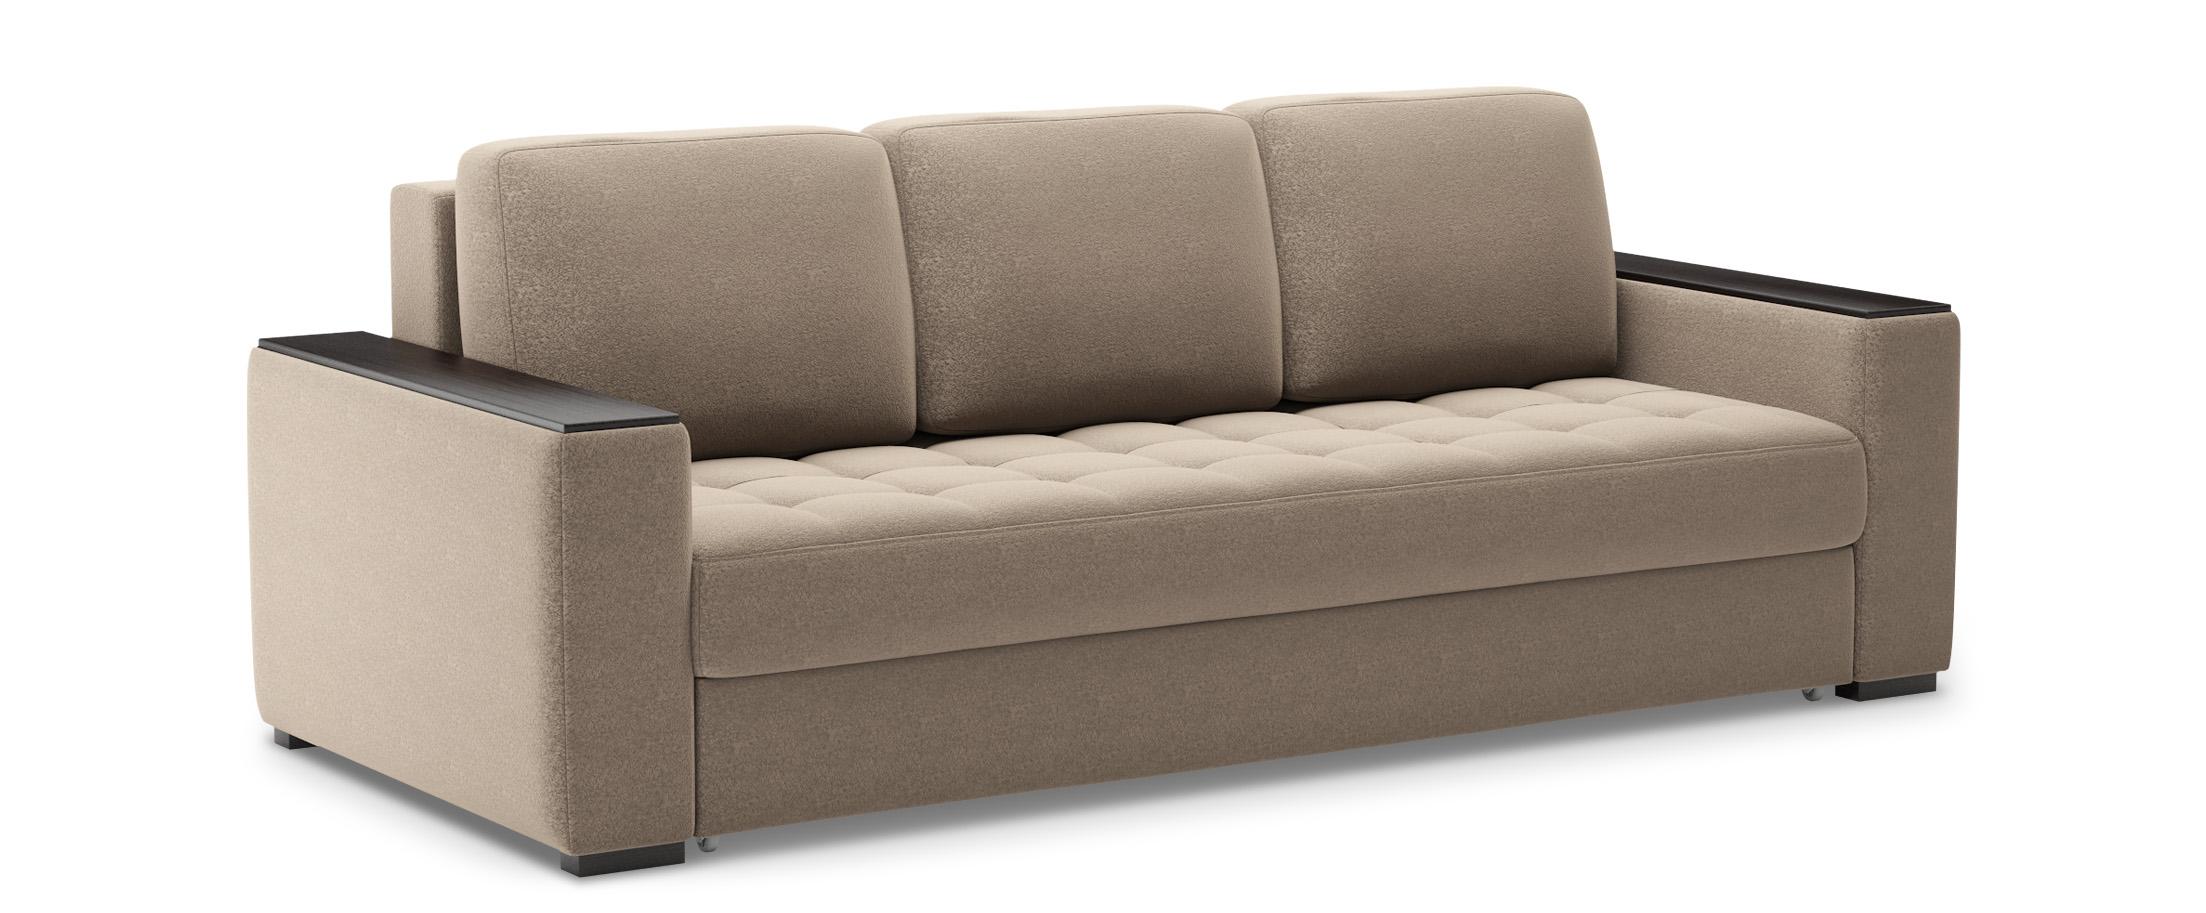 Диван прямой еврокнижка Милан 127Гостевой вариант и полноценное спальное место. Размеры 242х106х93 см. Купить коричневый диван еврокнижка в интернет-магазине MOON-TRADE.RU